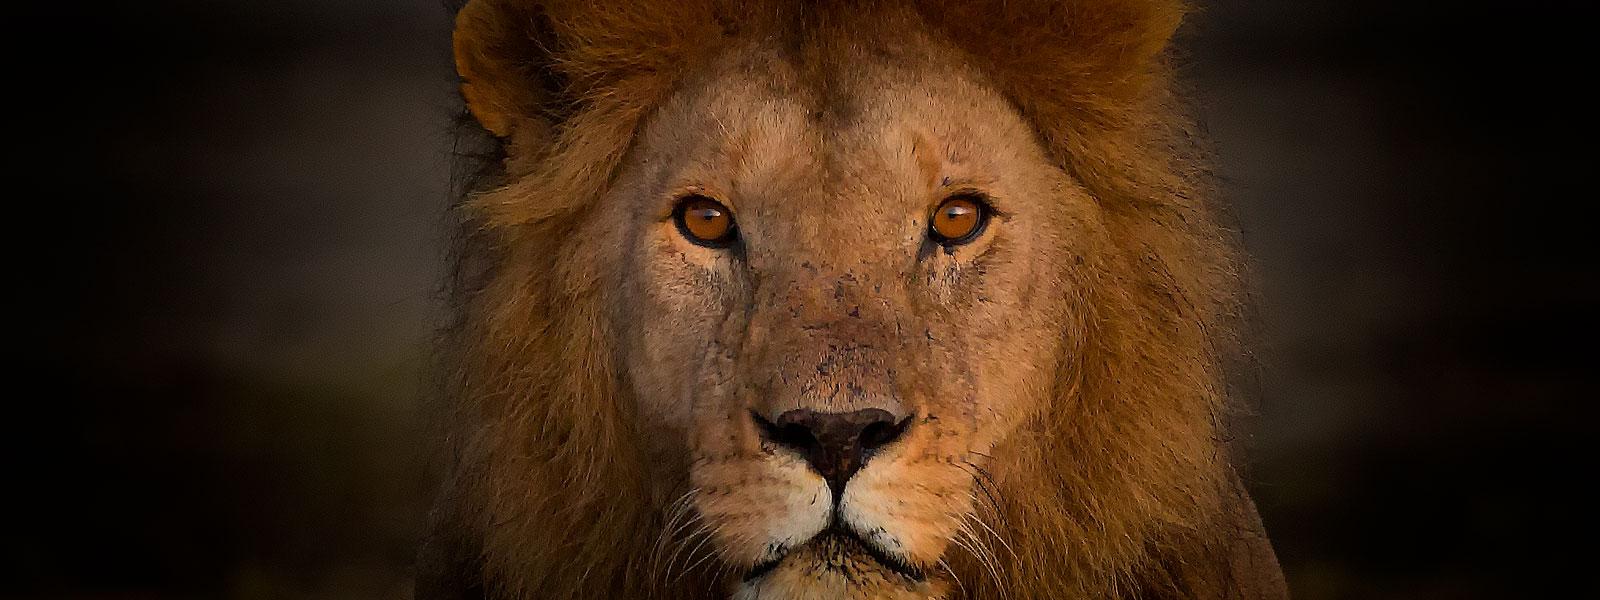 MG_0145-SFW_Lion-Face-1600-x-600